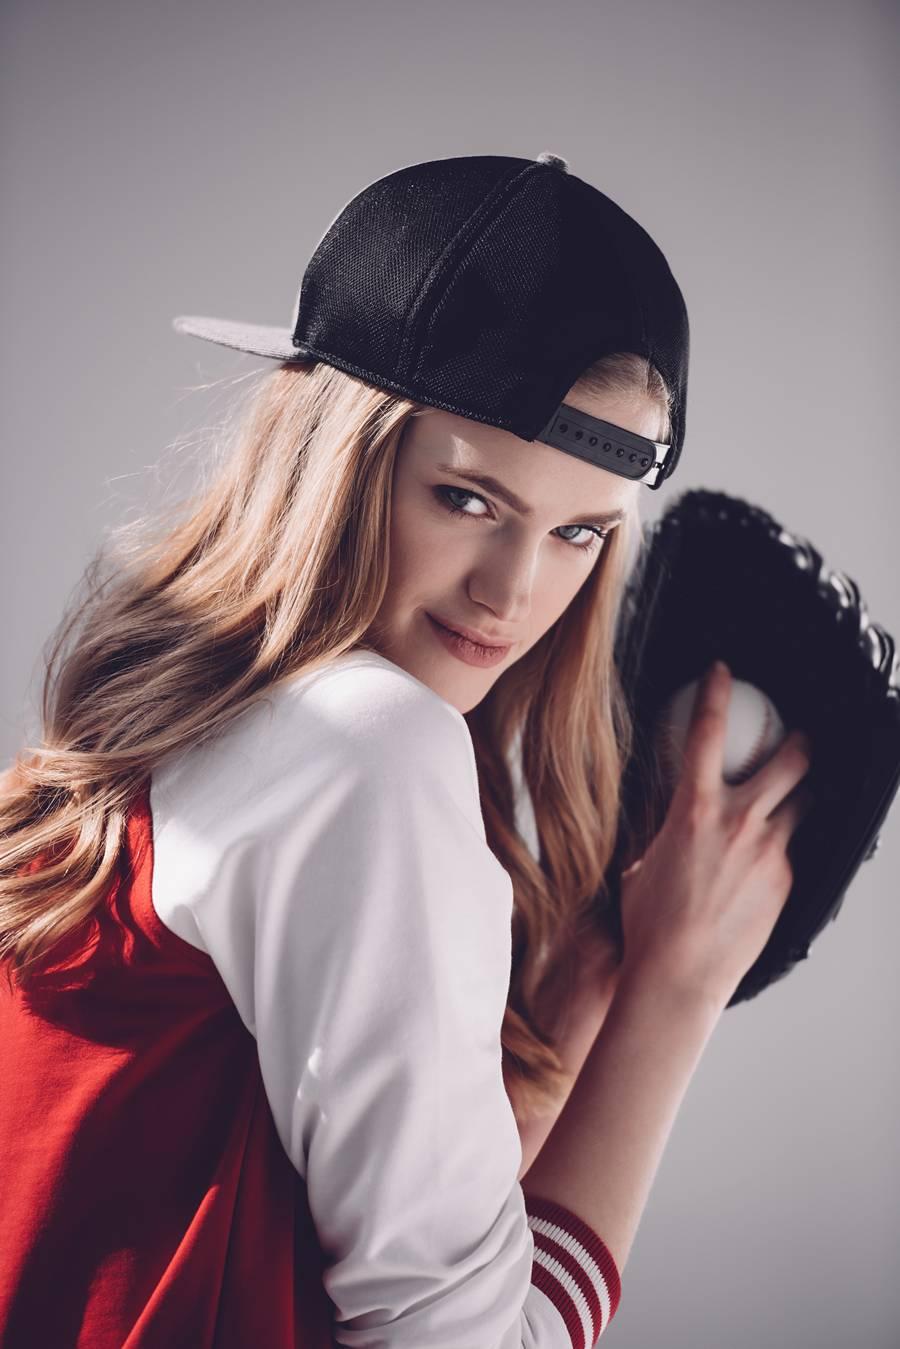 Девушка с бейсбольной перчаткой